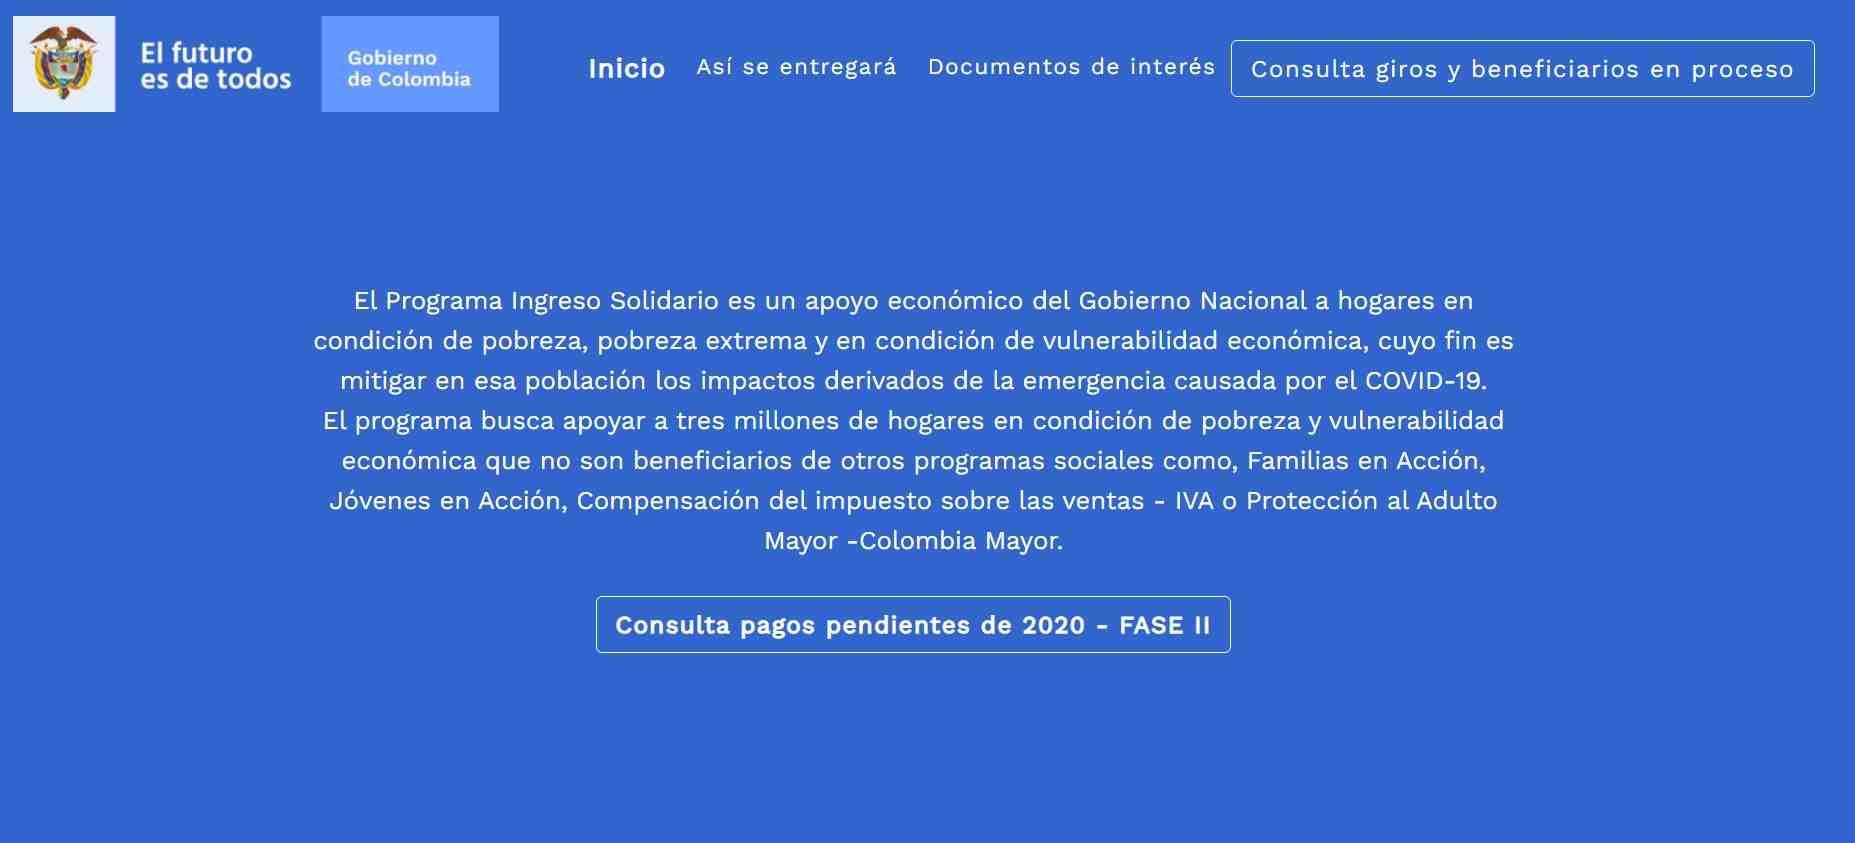 Ingreso Solidario: Link de consulta pagos pendientes Fase II